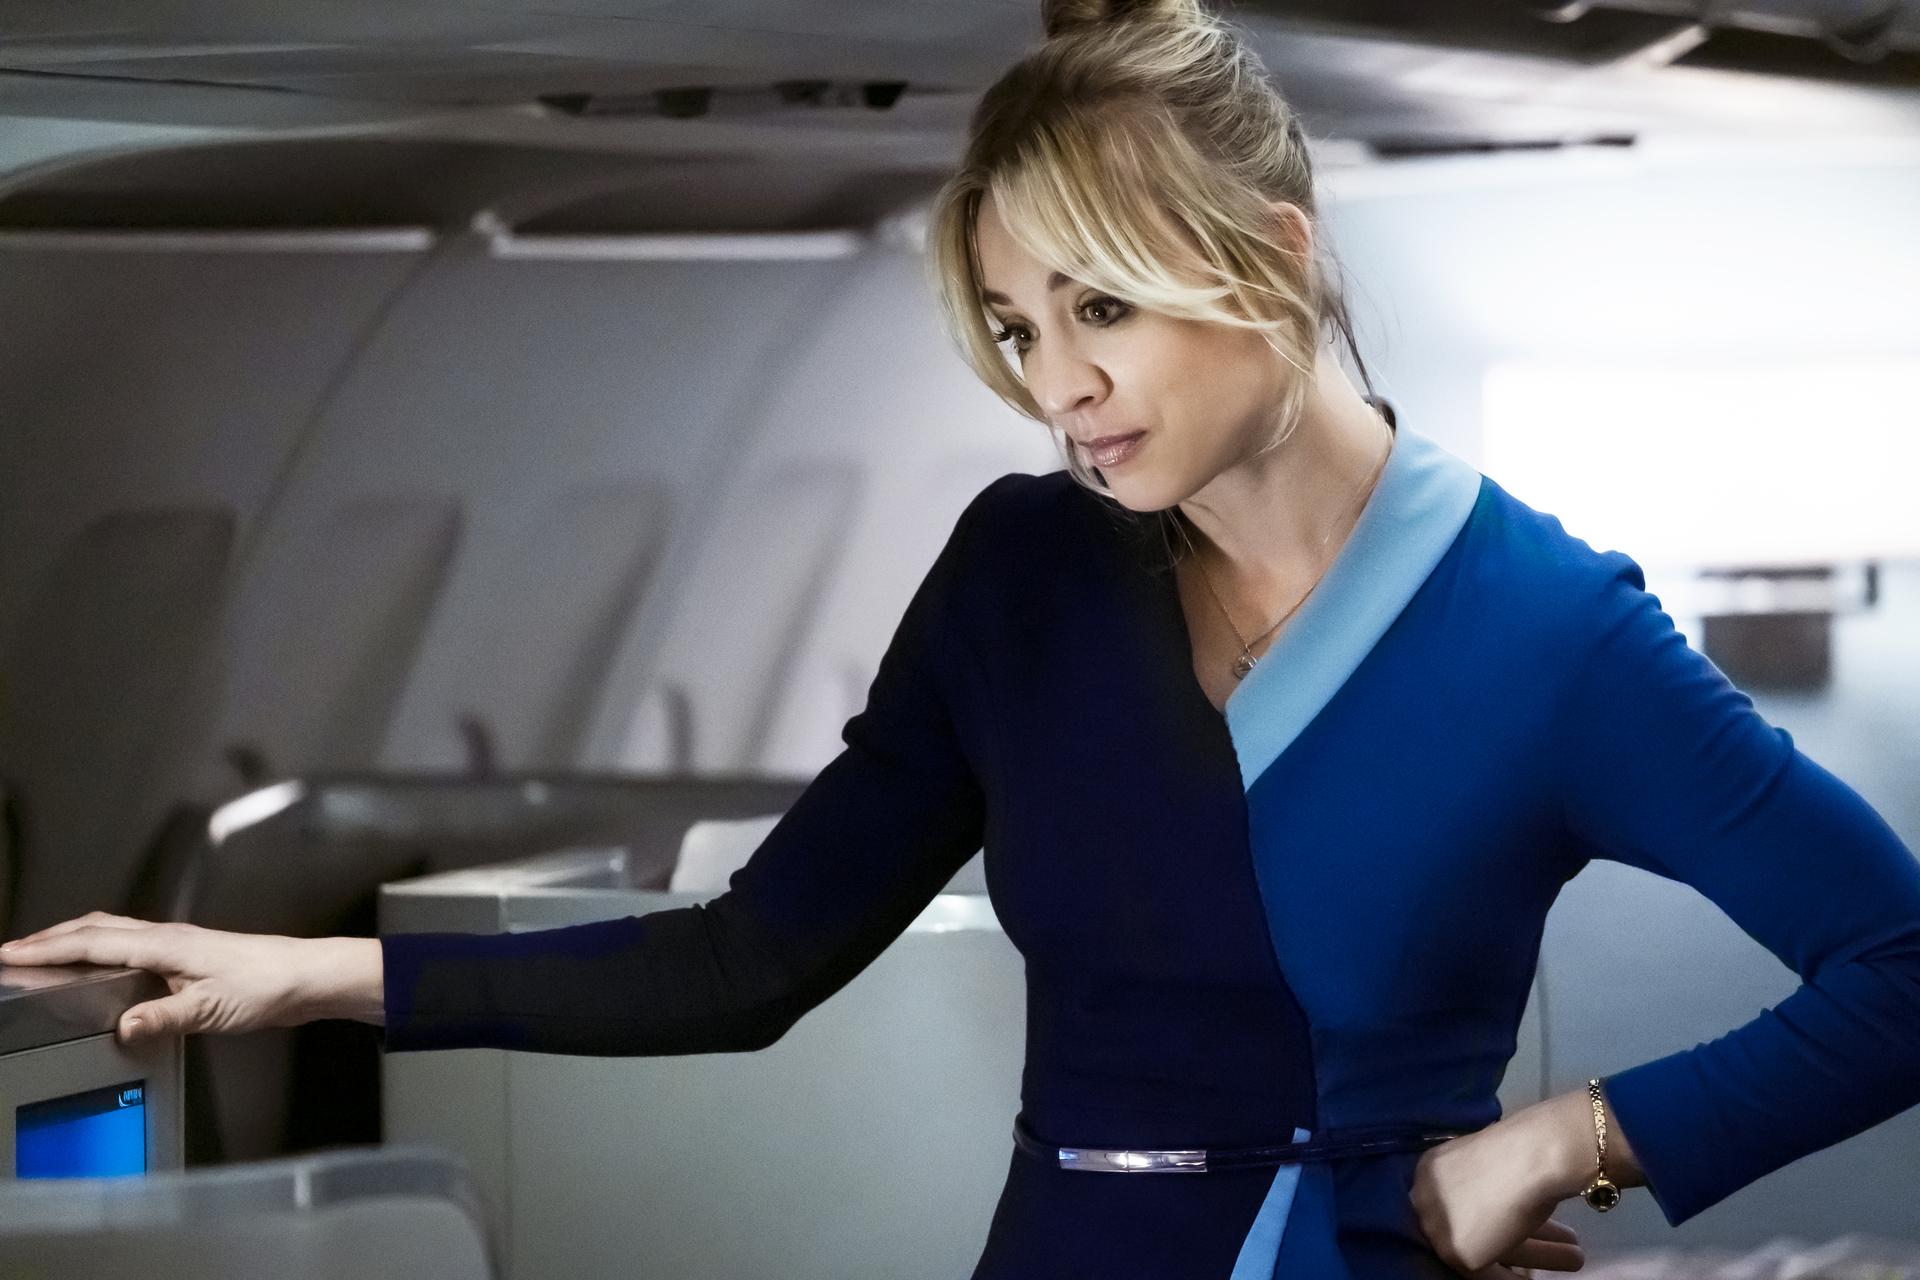 《谜飞空姐》11月26日将在HBO Go率先独家播映三集。-华纳媒体提供-